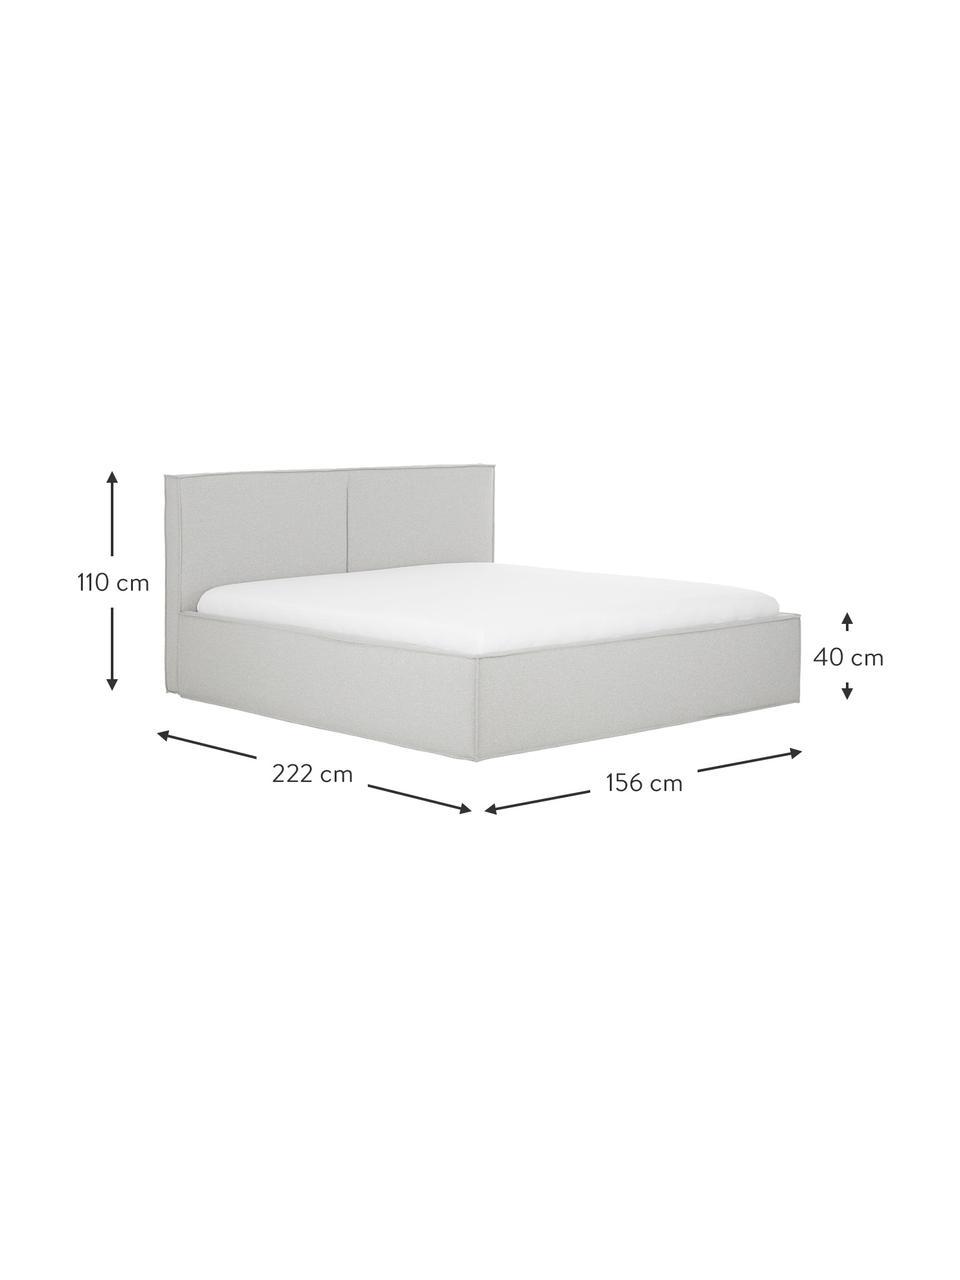 Čalouněná postel s úložným prostorem Dream, Světle šedá